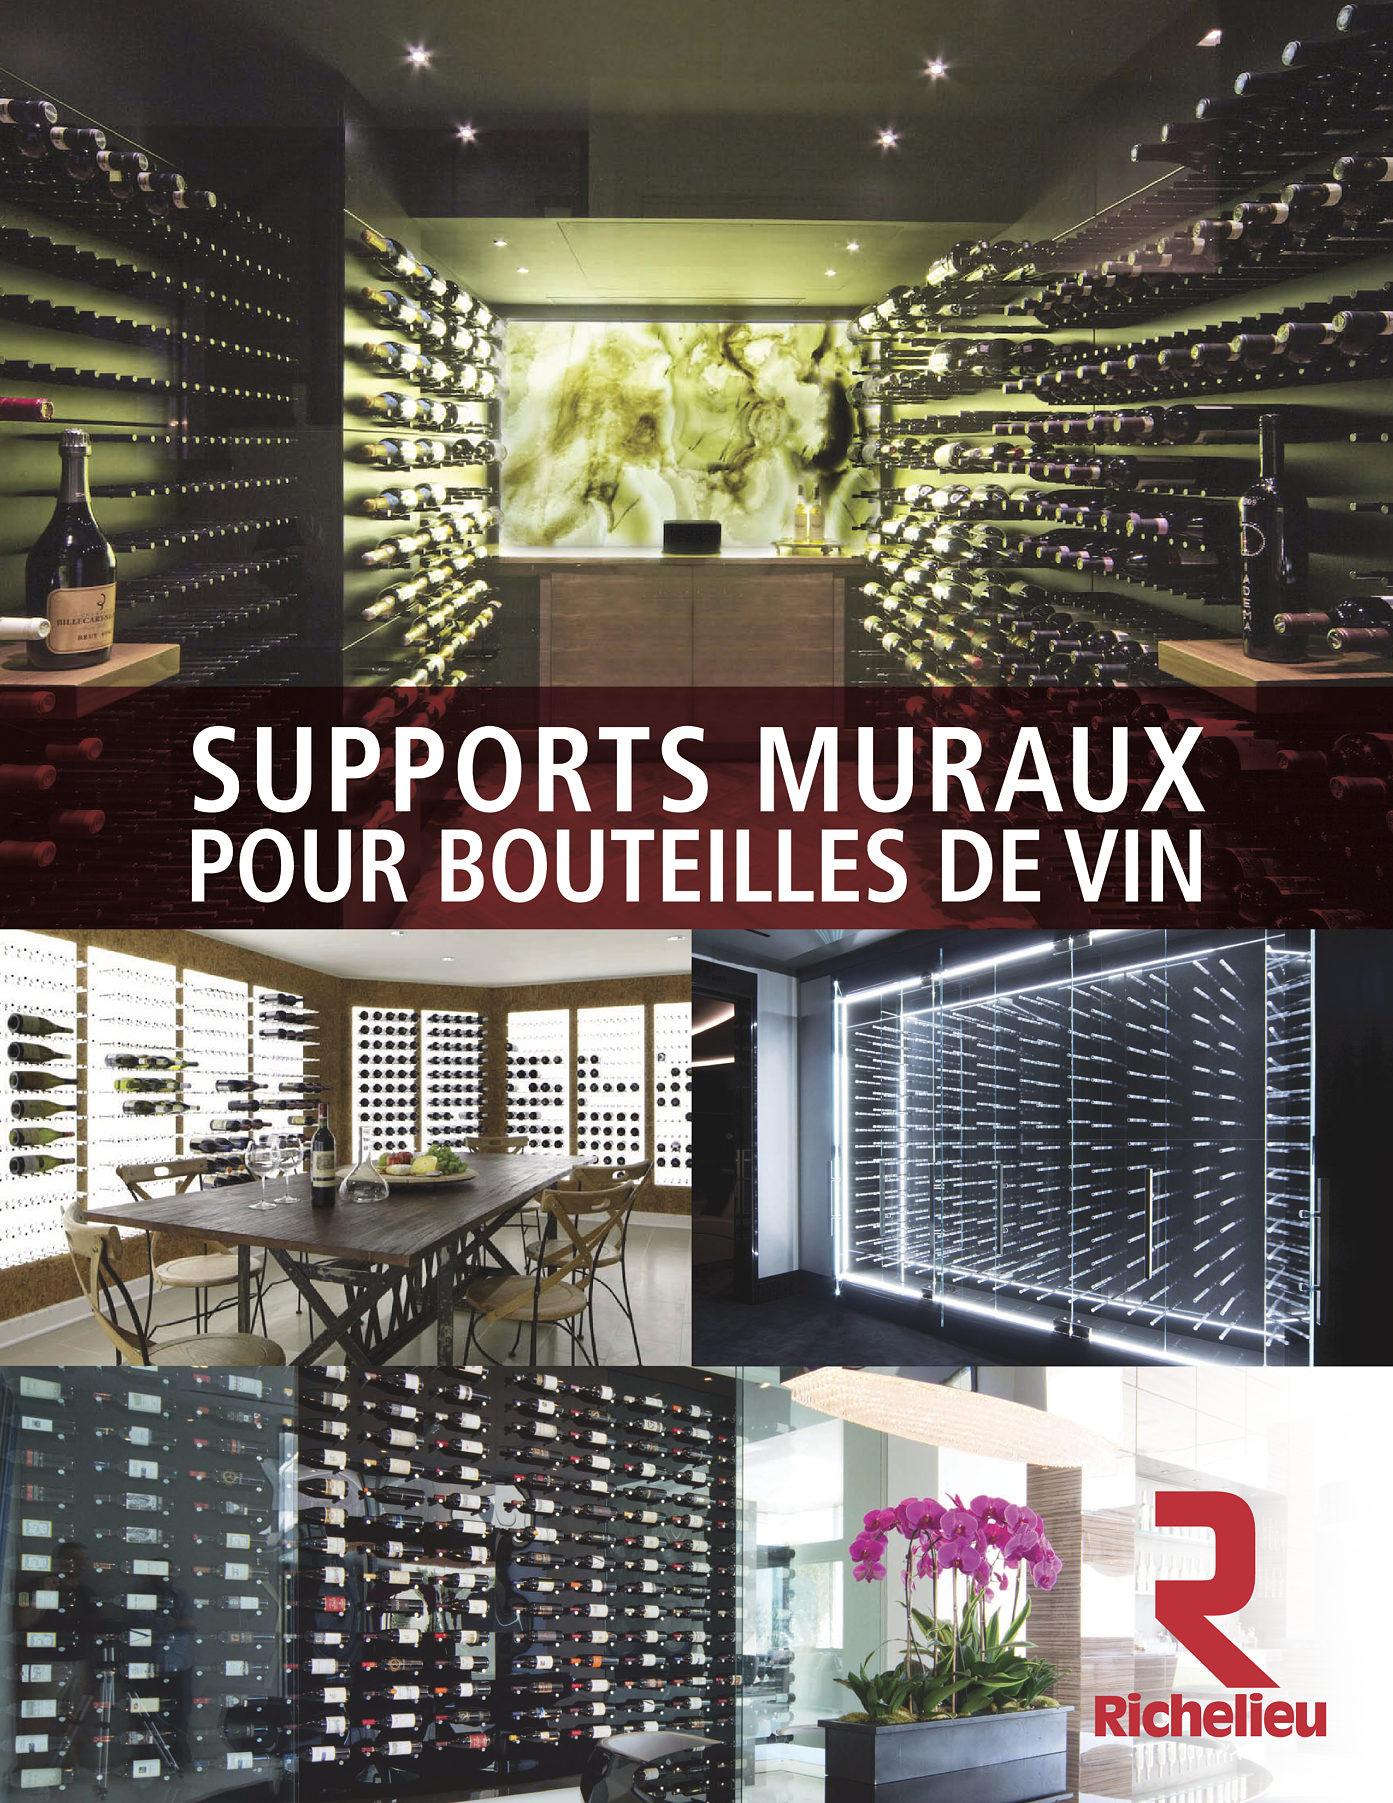 librairie des catalogues richelieu supports muraux pour bouteilles de vin page 1. Black Bedroom Furniture Sets. Home Design Ideas